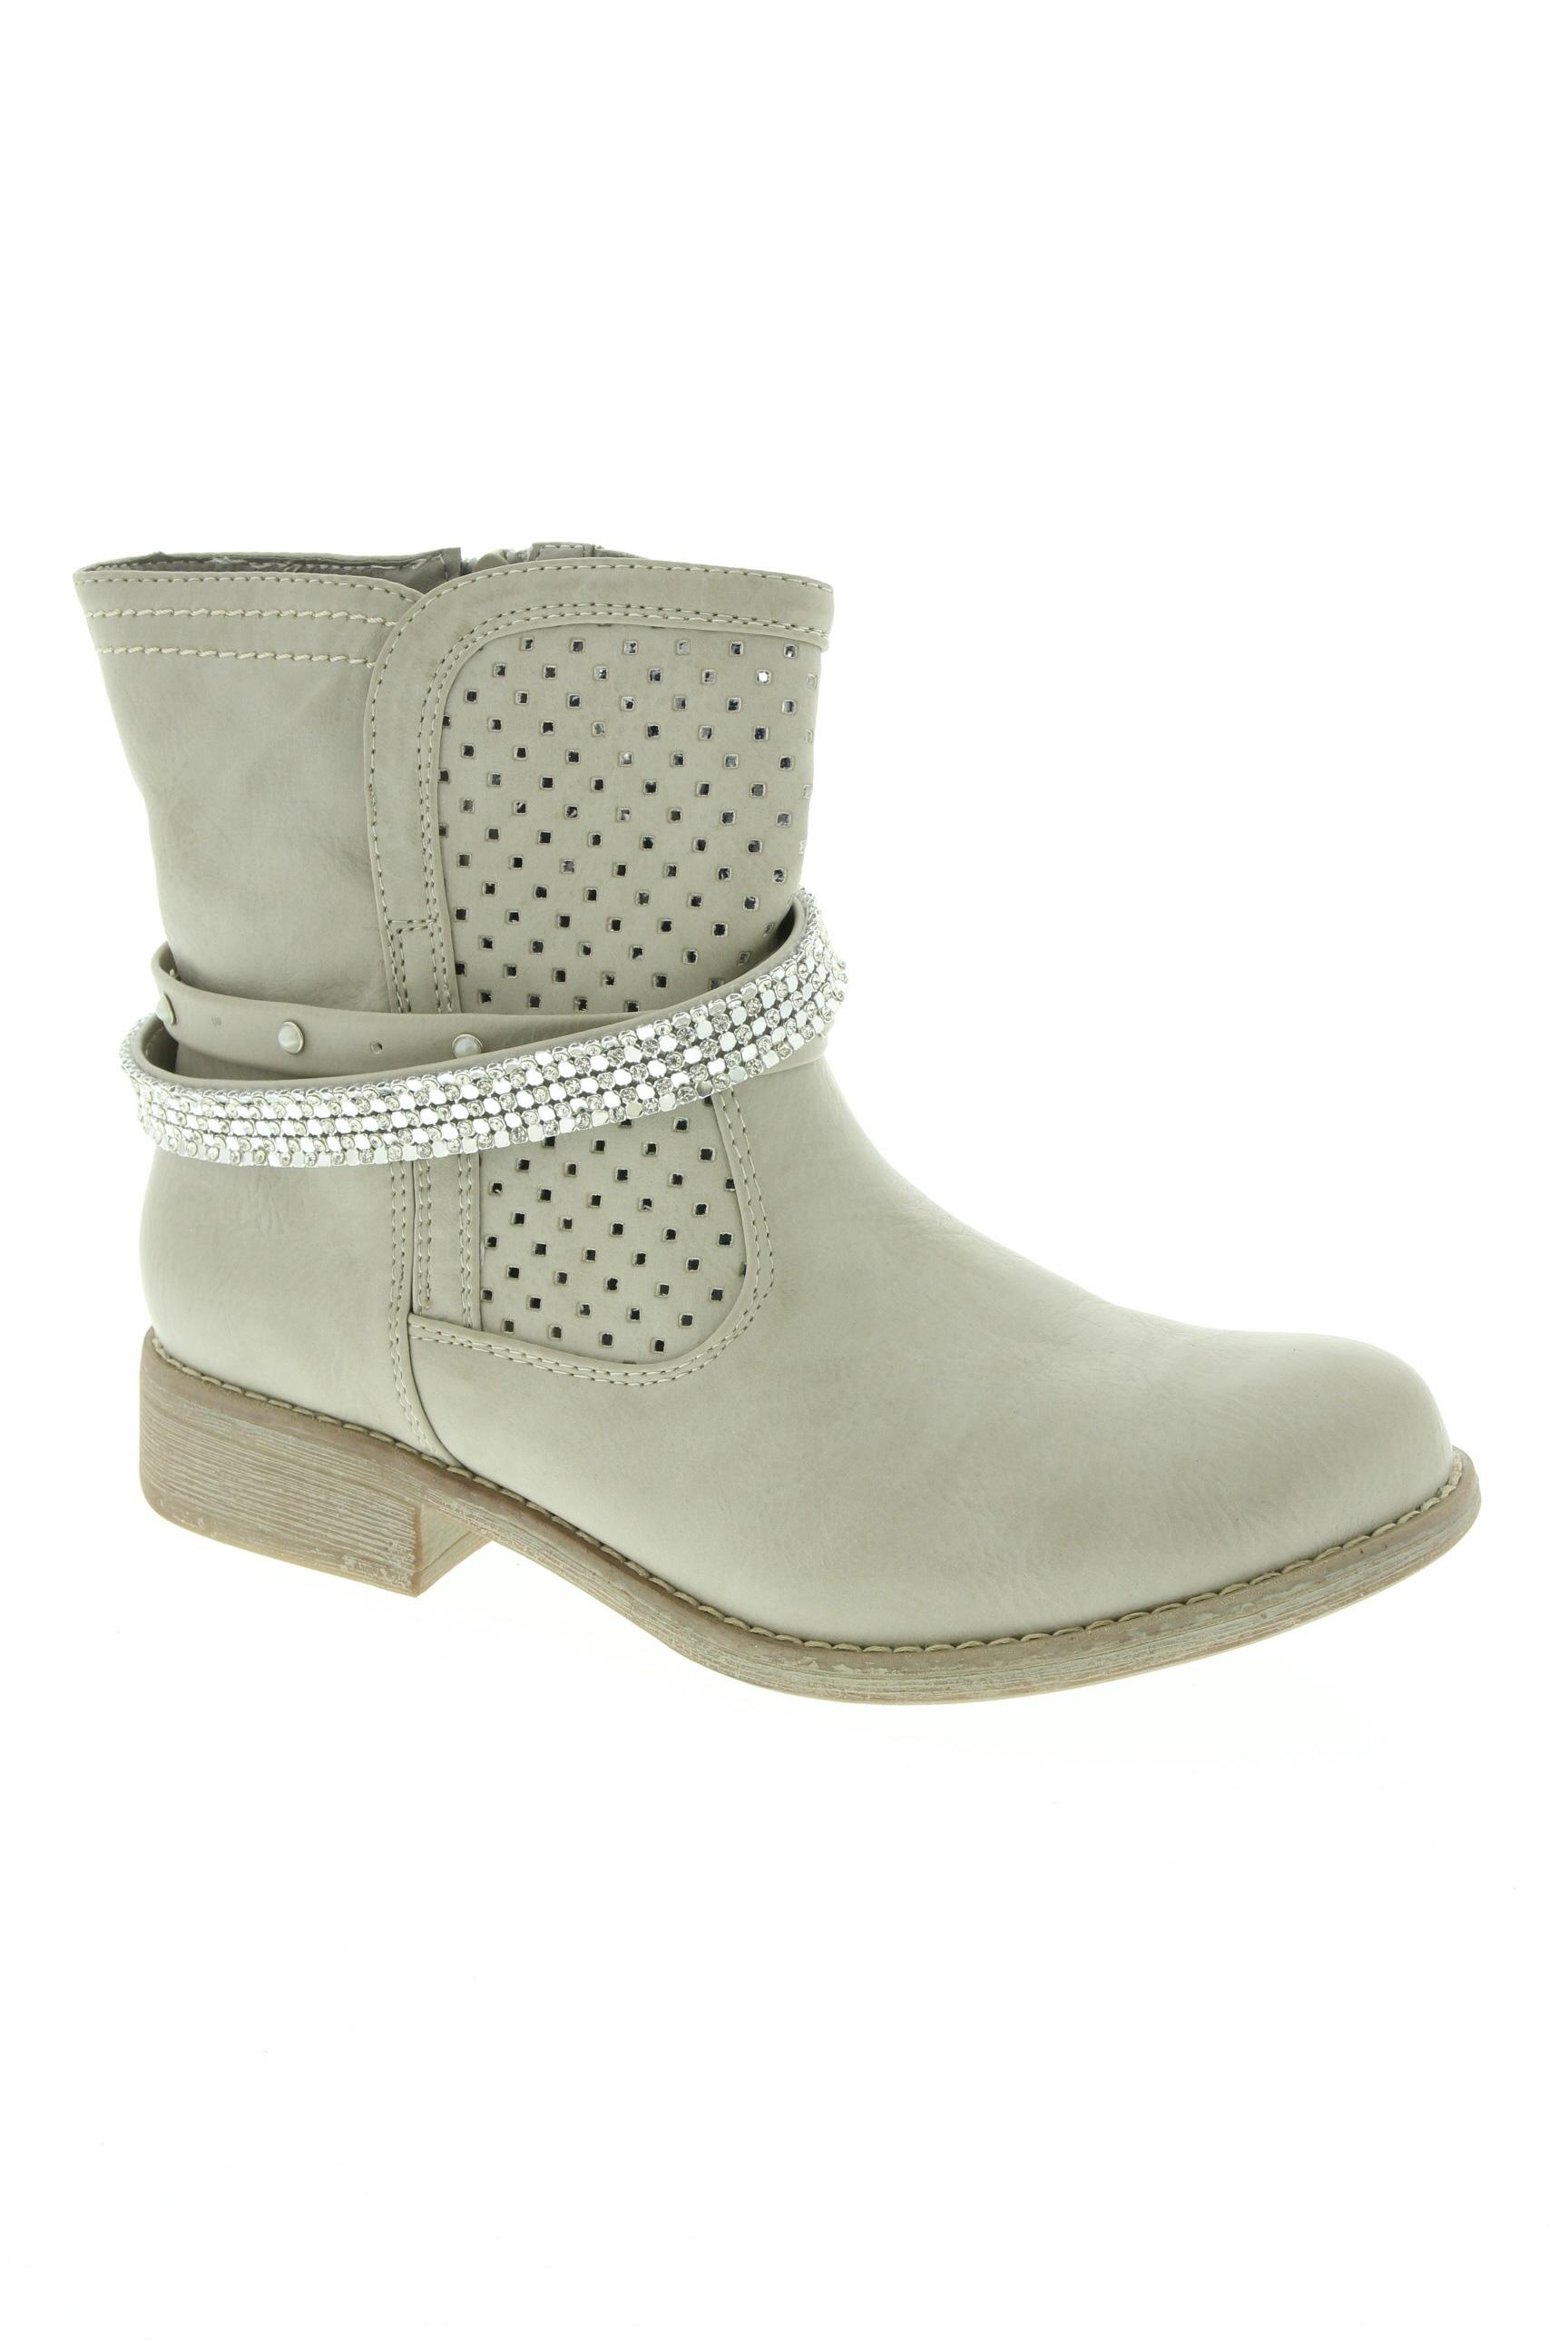 RIEKER Chaussures BottinesBoots de couleur beige en soldes pas cher 1331341 beige0 Modz